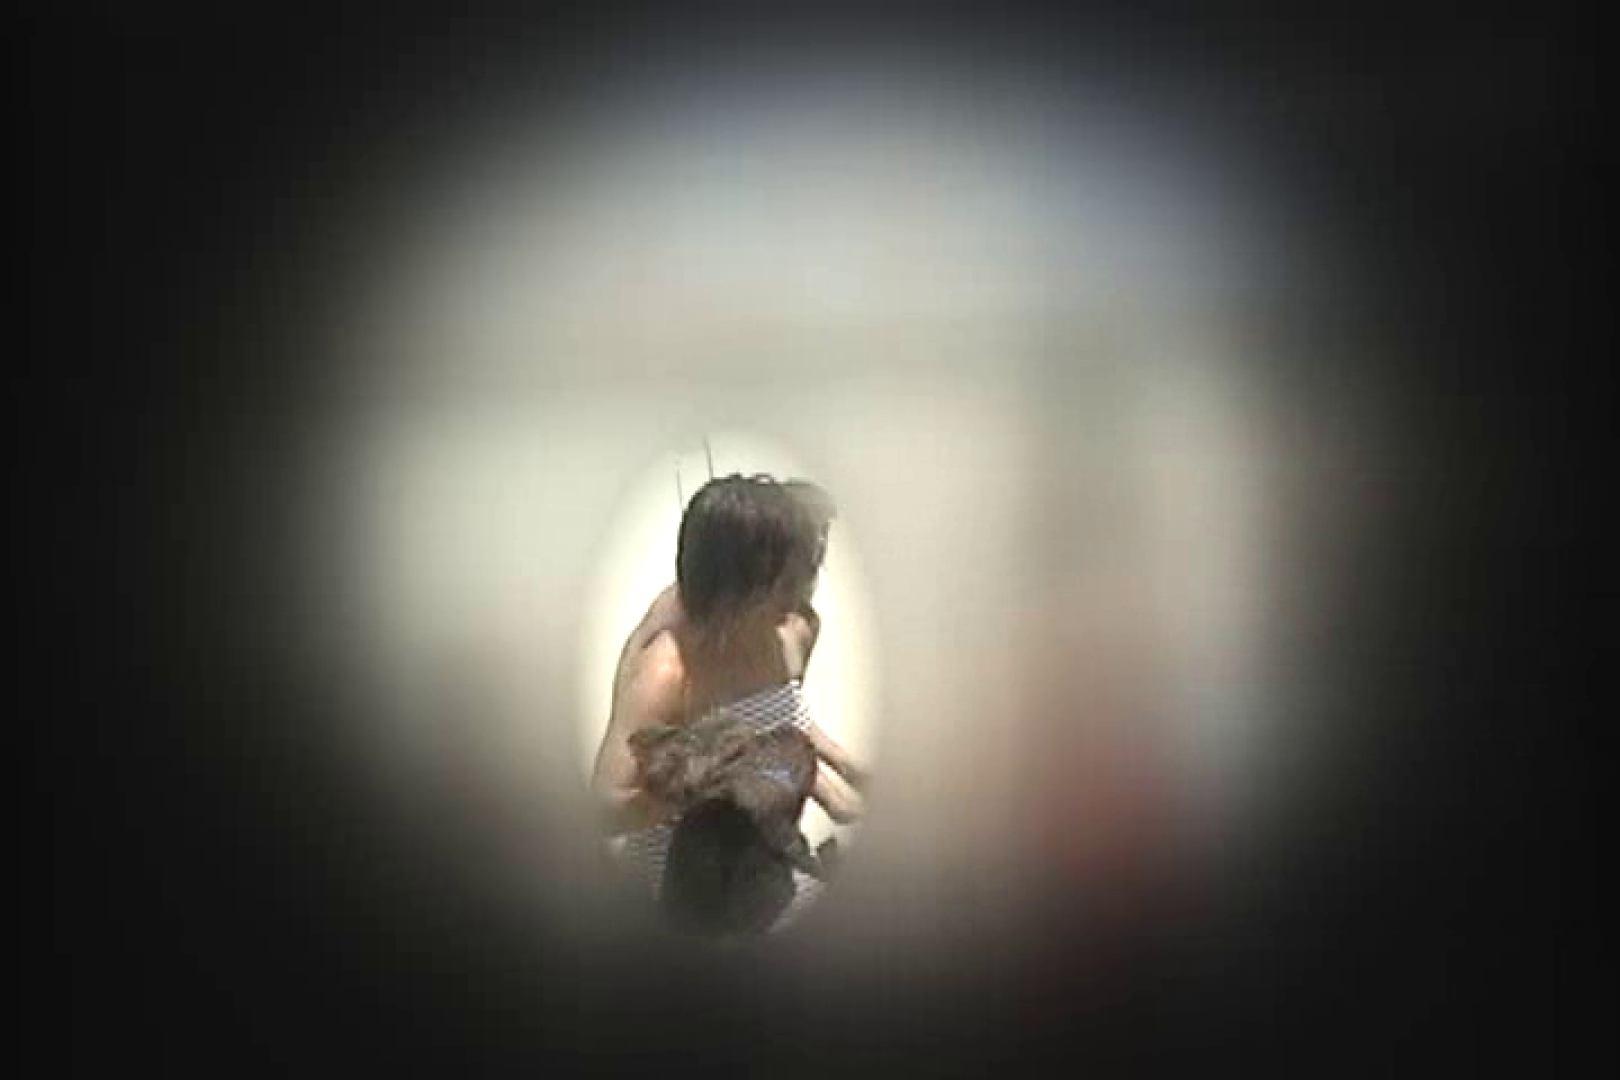 サターンさんのウル技炸裂!!夏乙女★海の家シャワー室絵巻 Vol.01 シャワー  92PIX 6